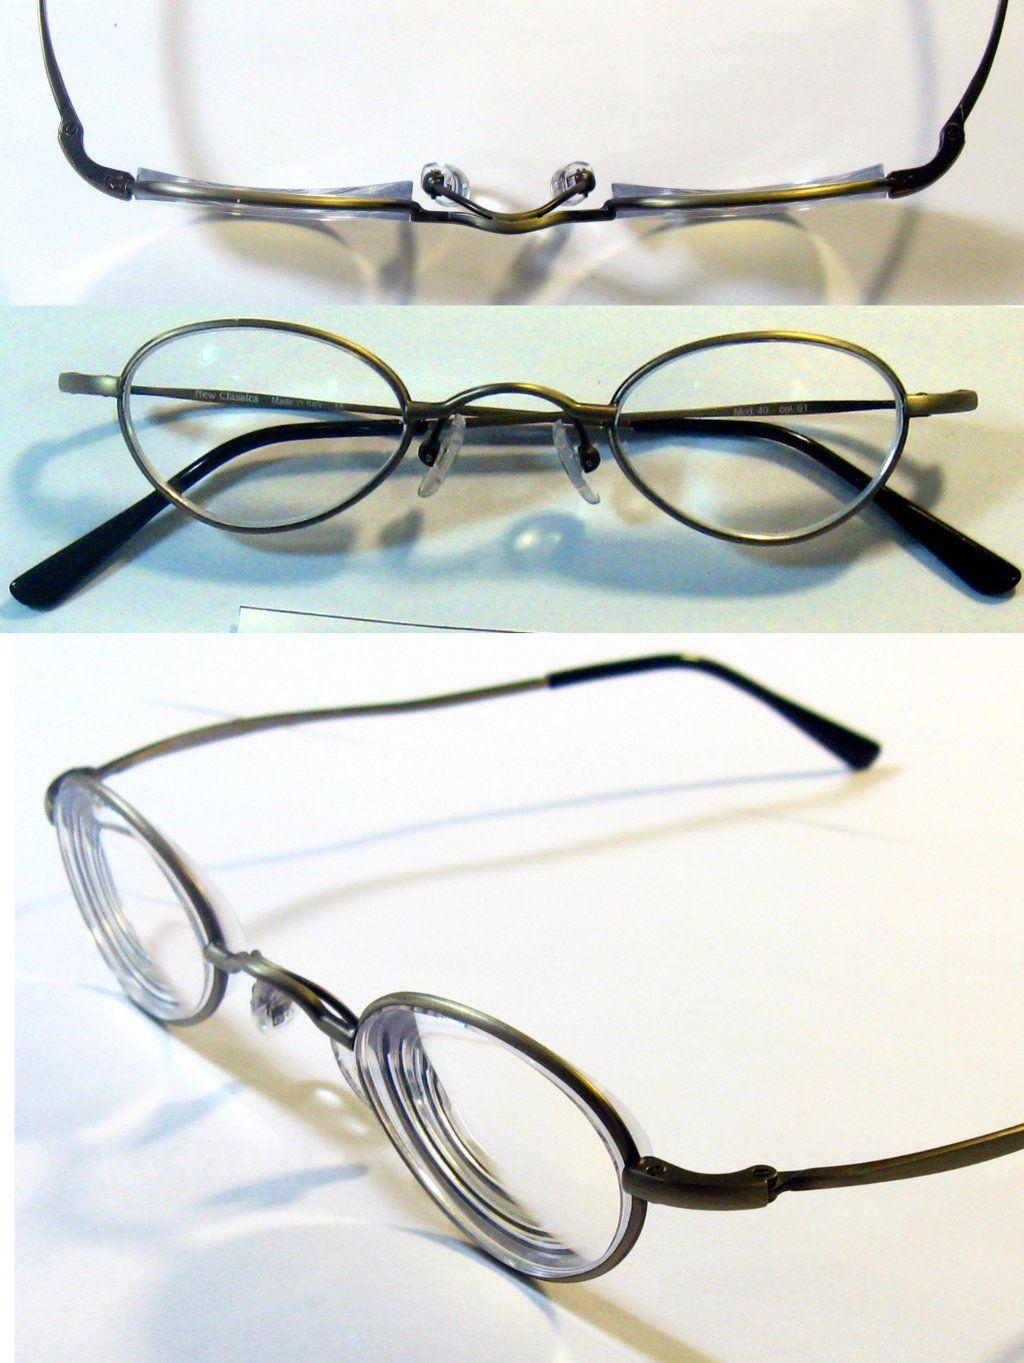 Óculos de Alta Míopia. Lente Resina alto índice 1.74 Free-Form. Antireflexo  Optikot Easy Clean Grau  -15,25 Miopia -2,50 Astigmatismo Peso  18.80 Gramas 1e328afbd5